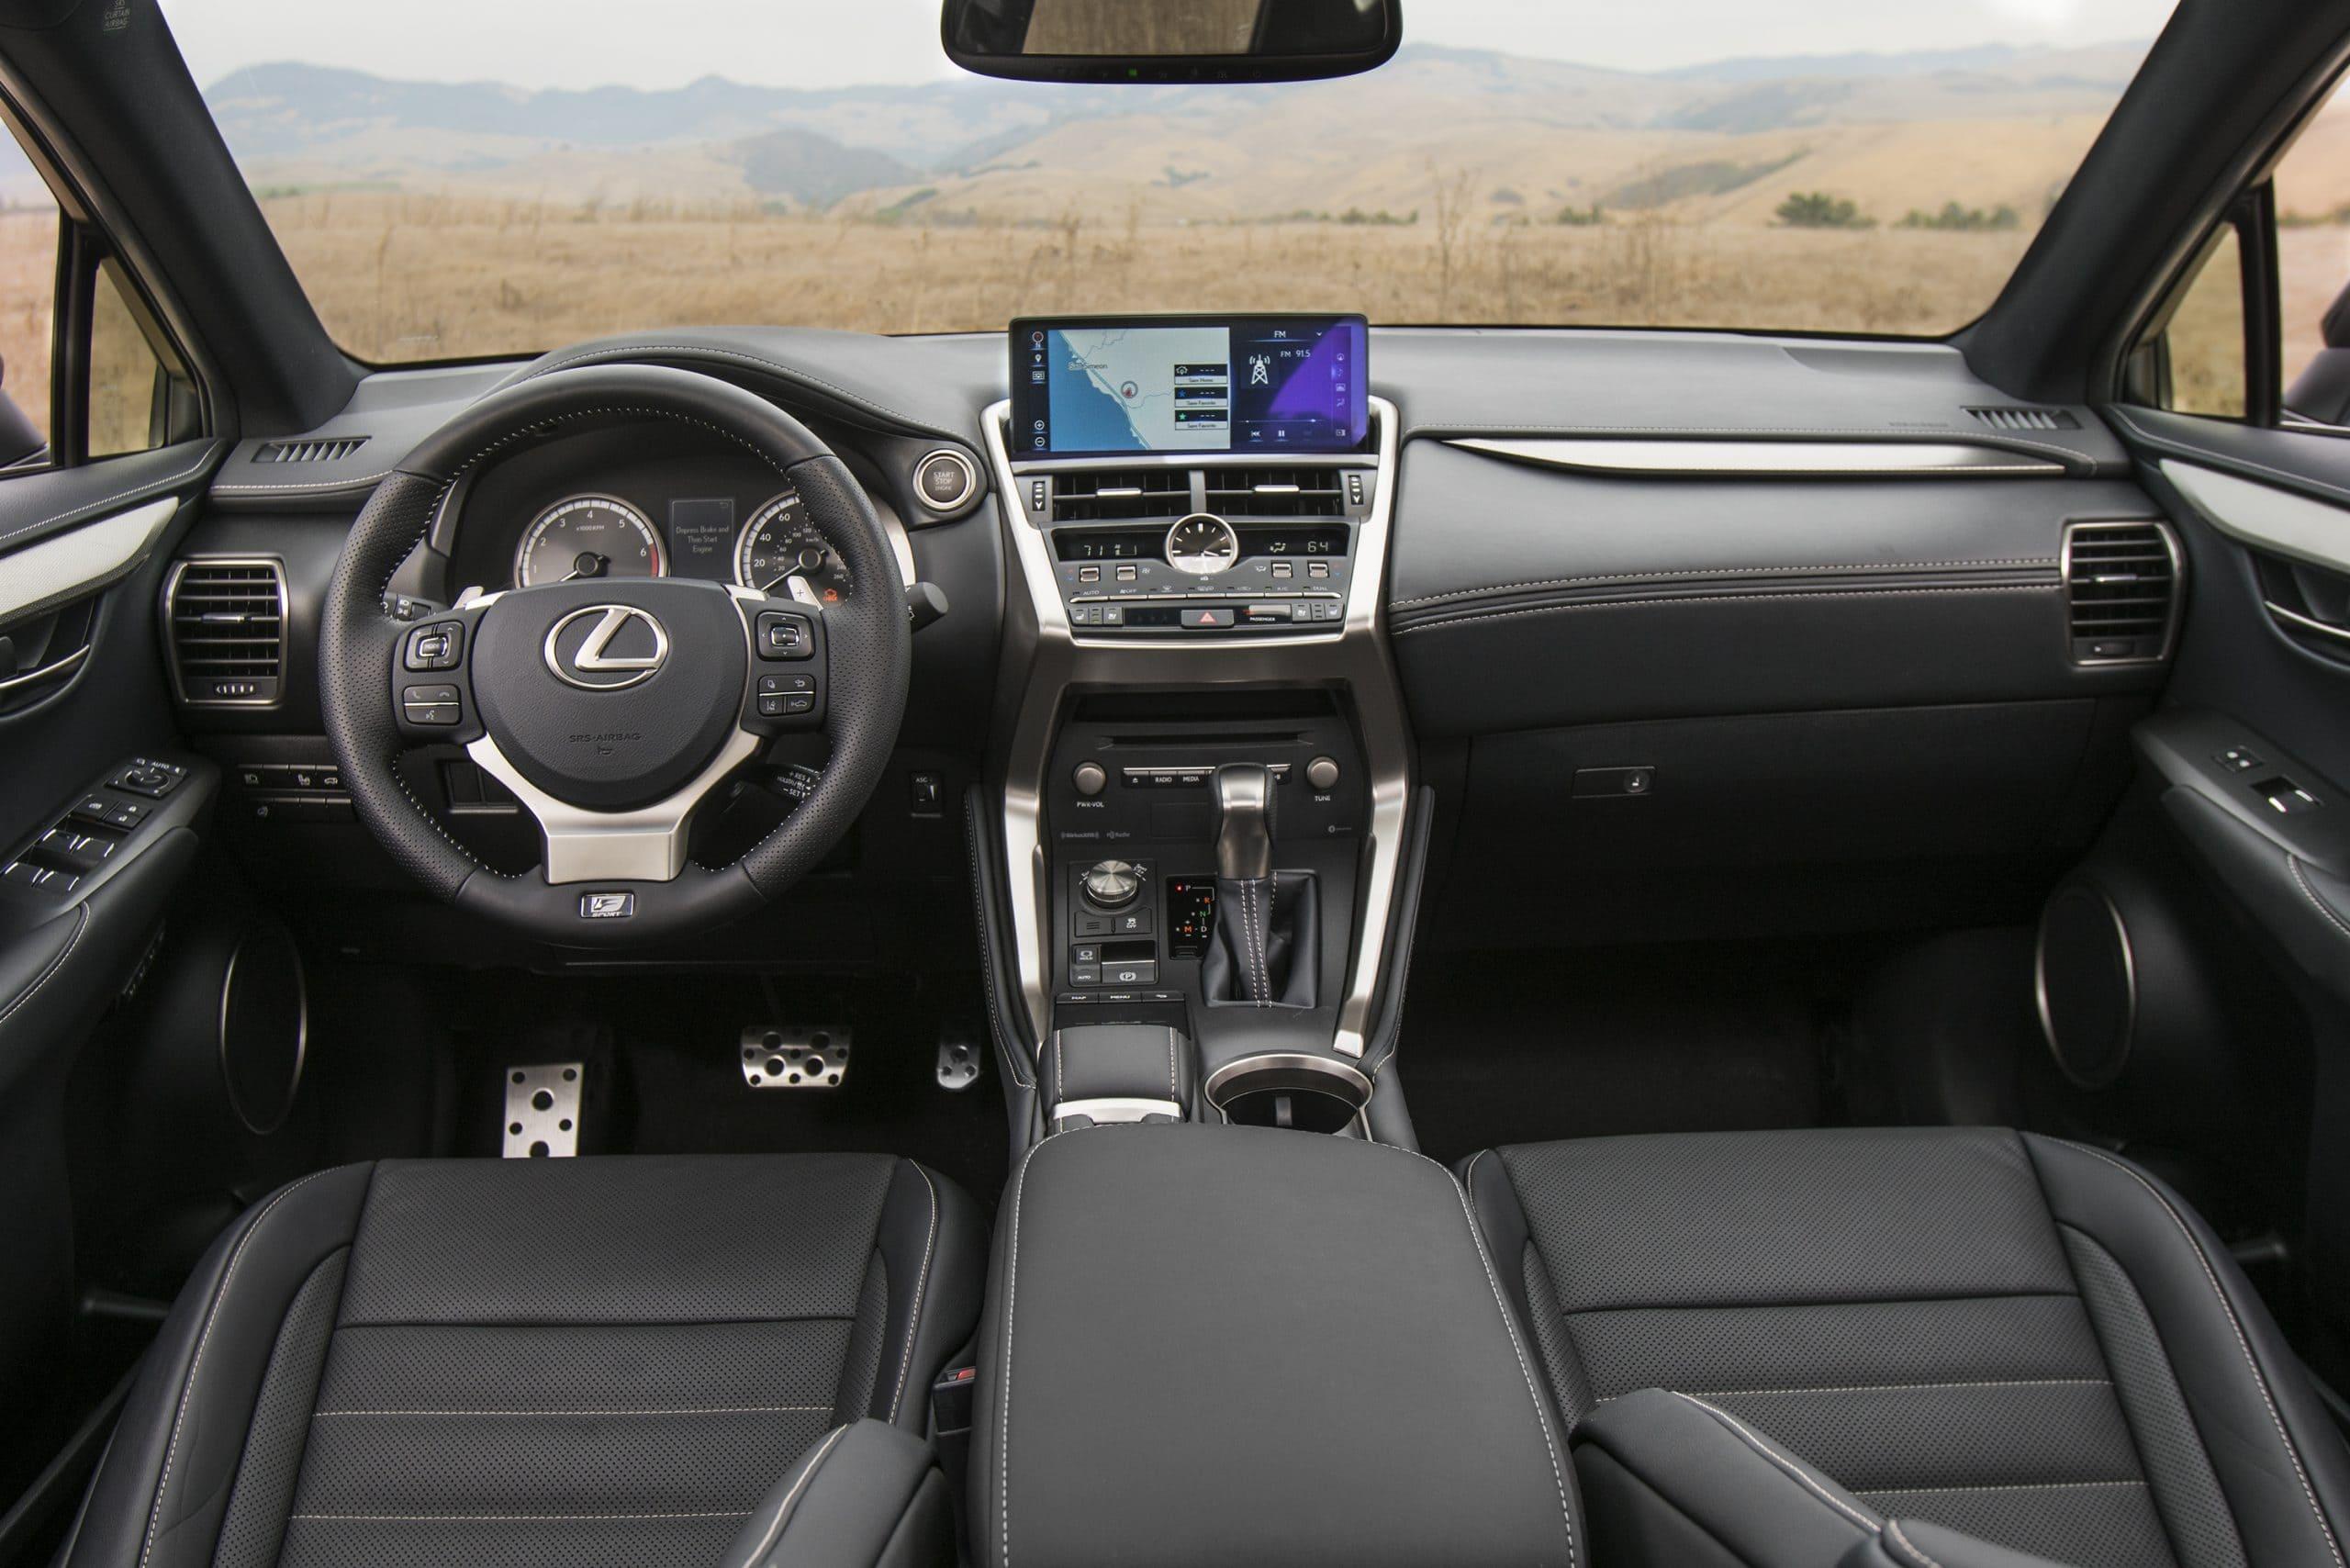 2021_Lexus_NX300_033-scaled